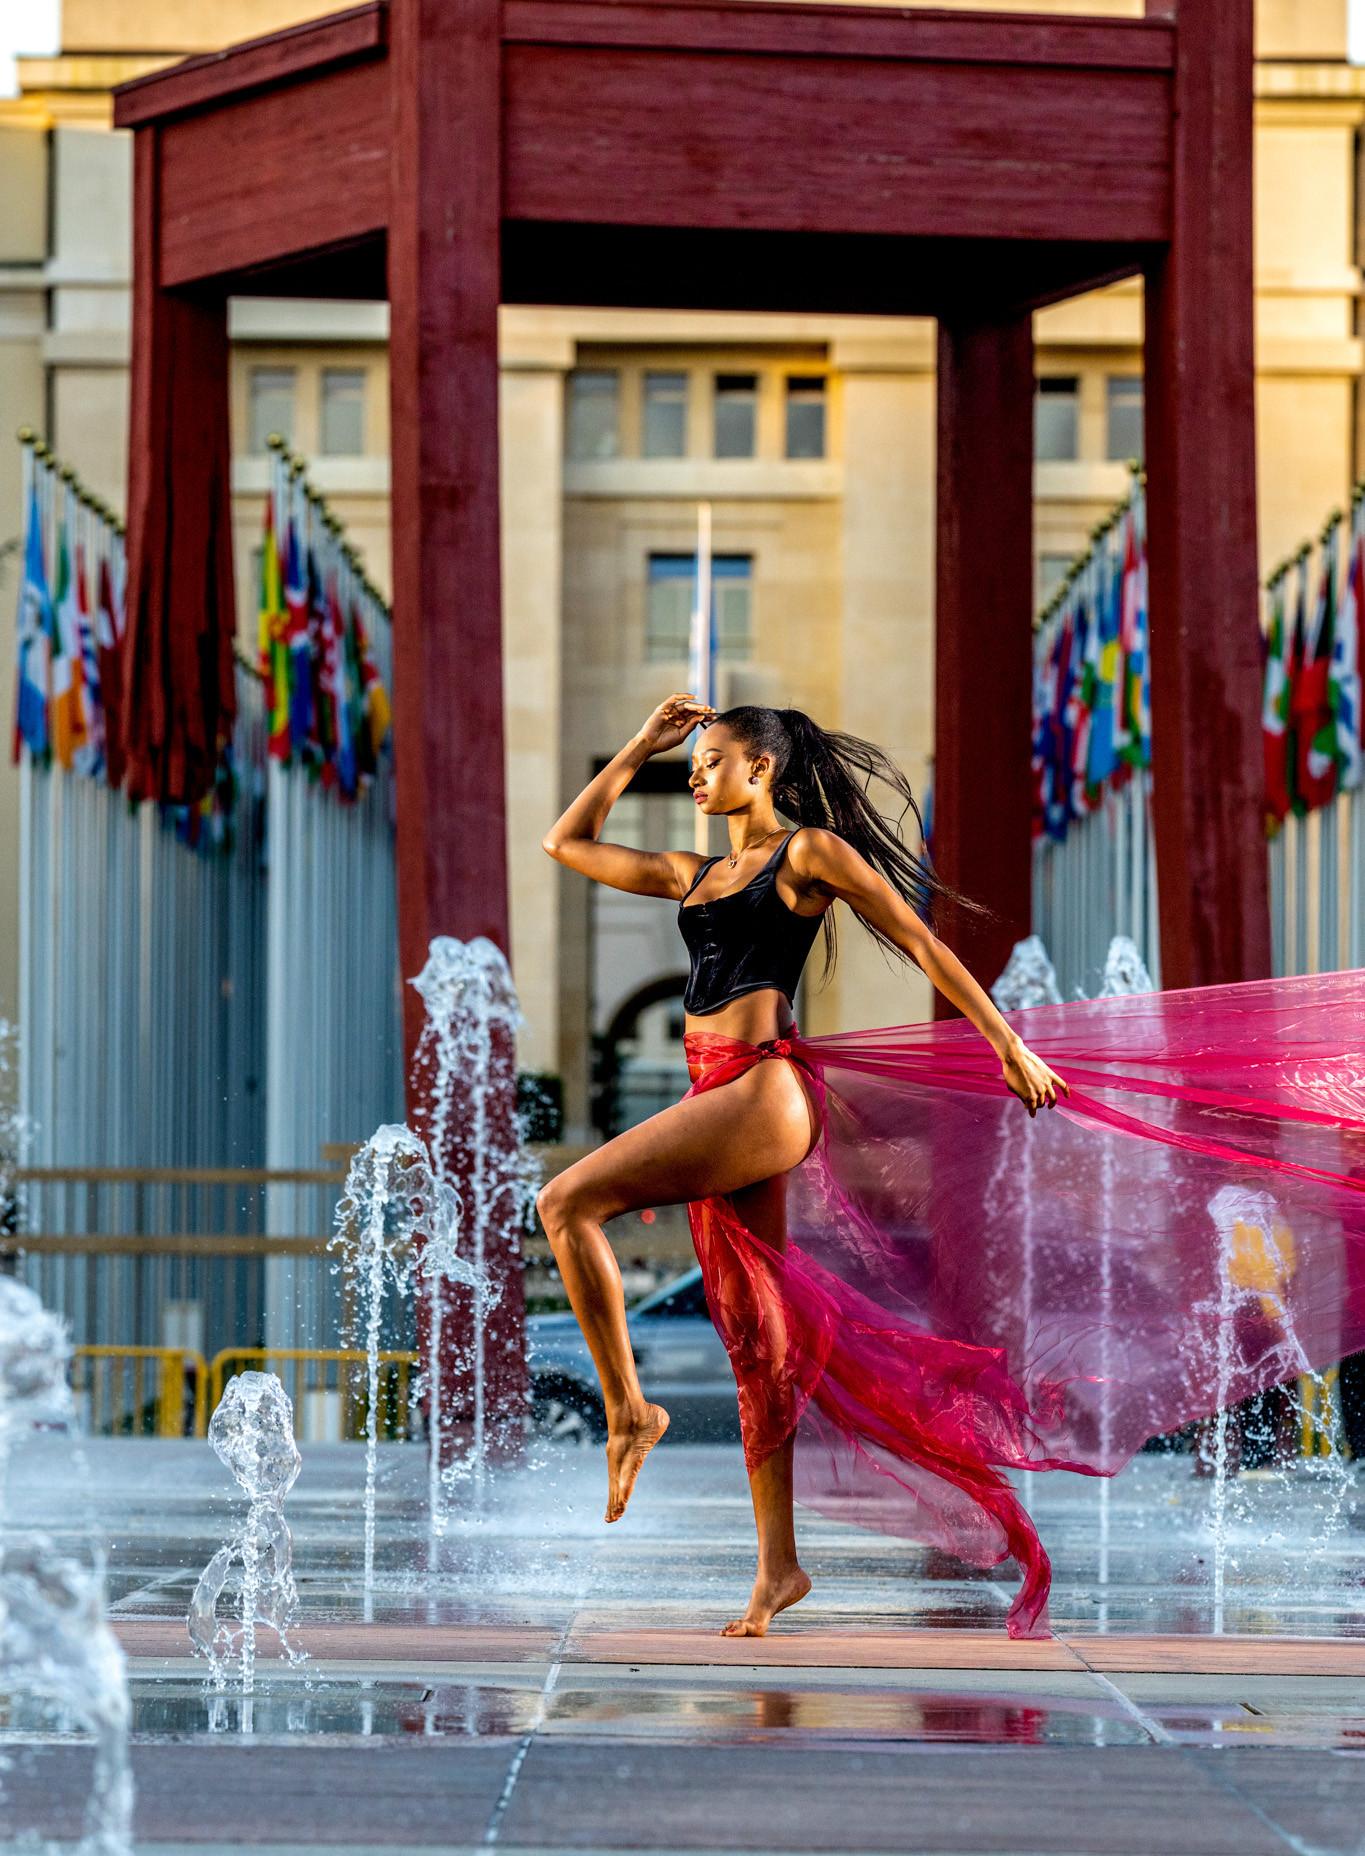 ART, DANCE, BALLET AND SPORT